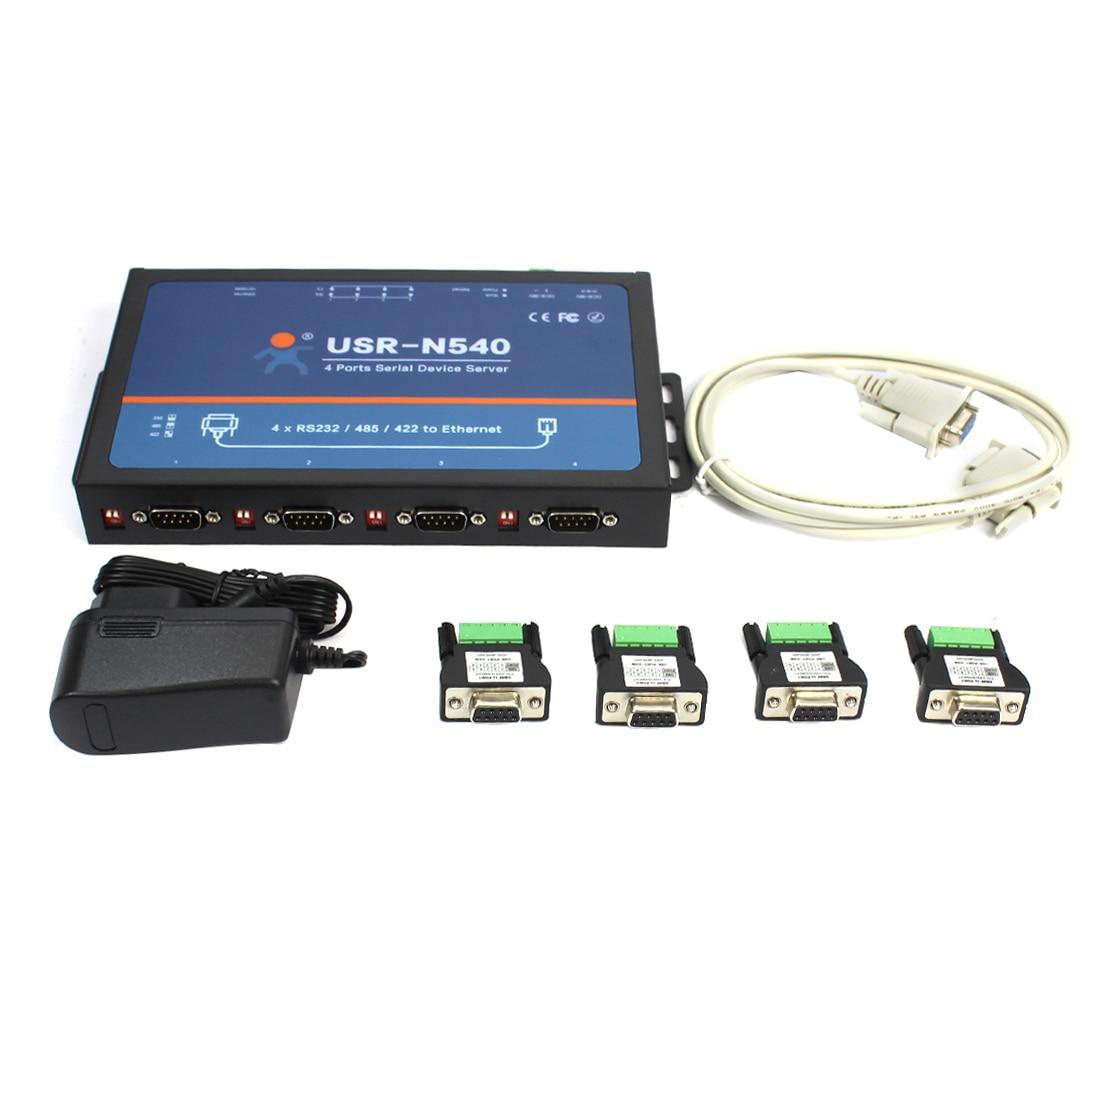 USR-N540 RS232 المسلسل Rj45 محولات 4 منافذ المسلسل RS232 RS485 RS422 إلى Lan إيثرنت دعم Modbus TCP مع CE FCC بنفايات